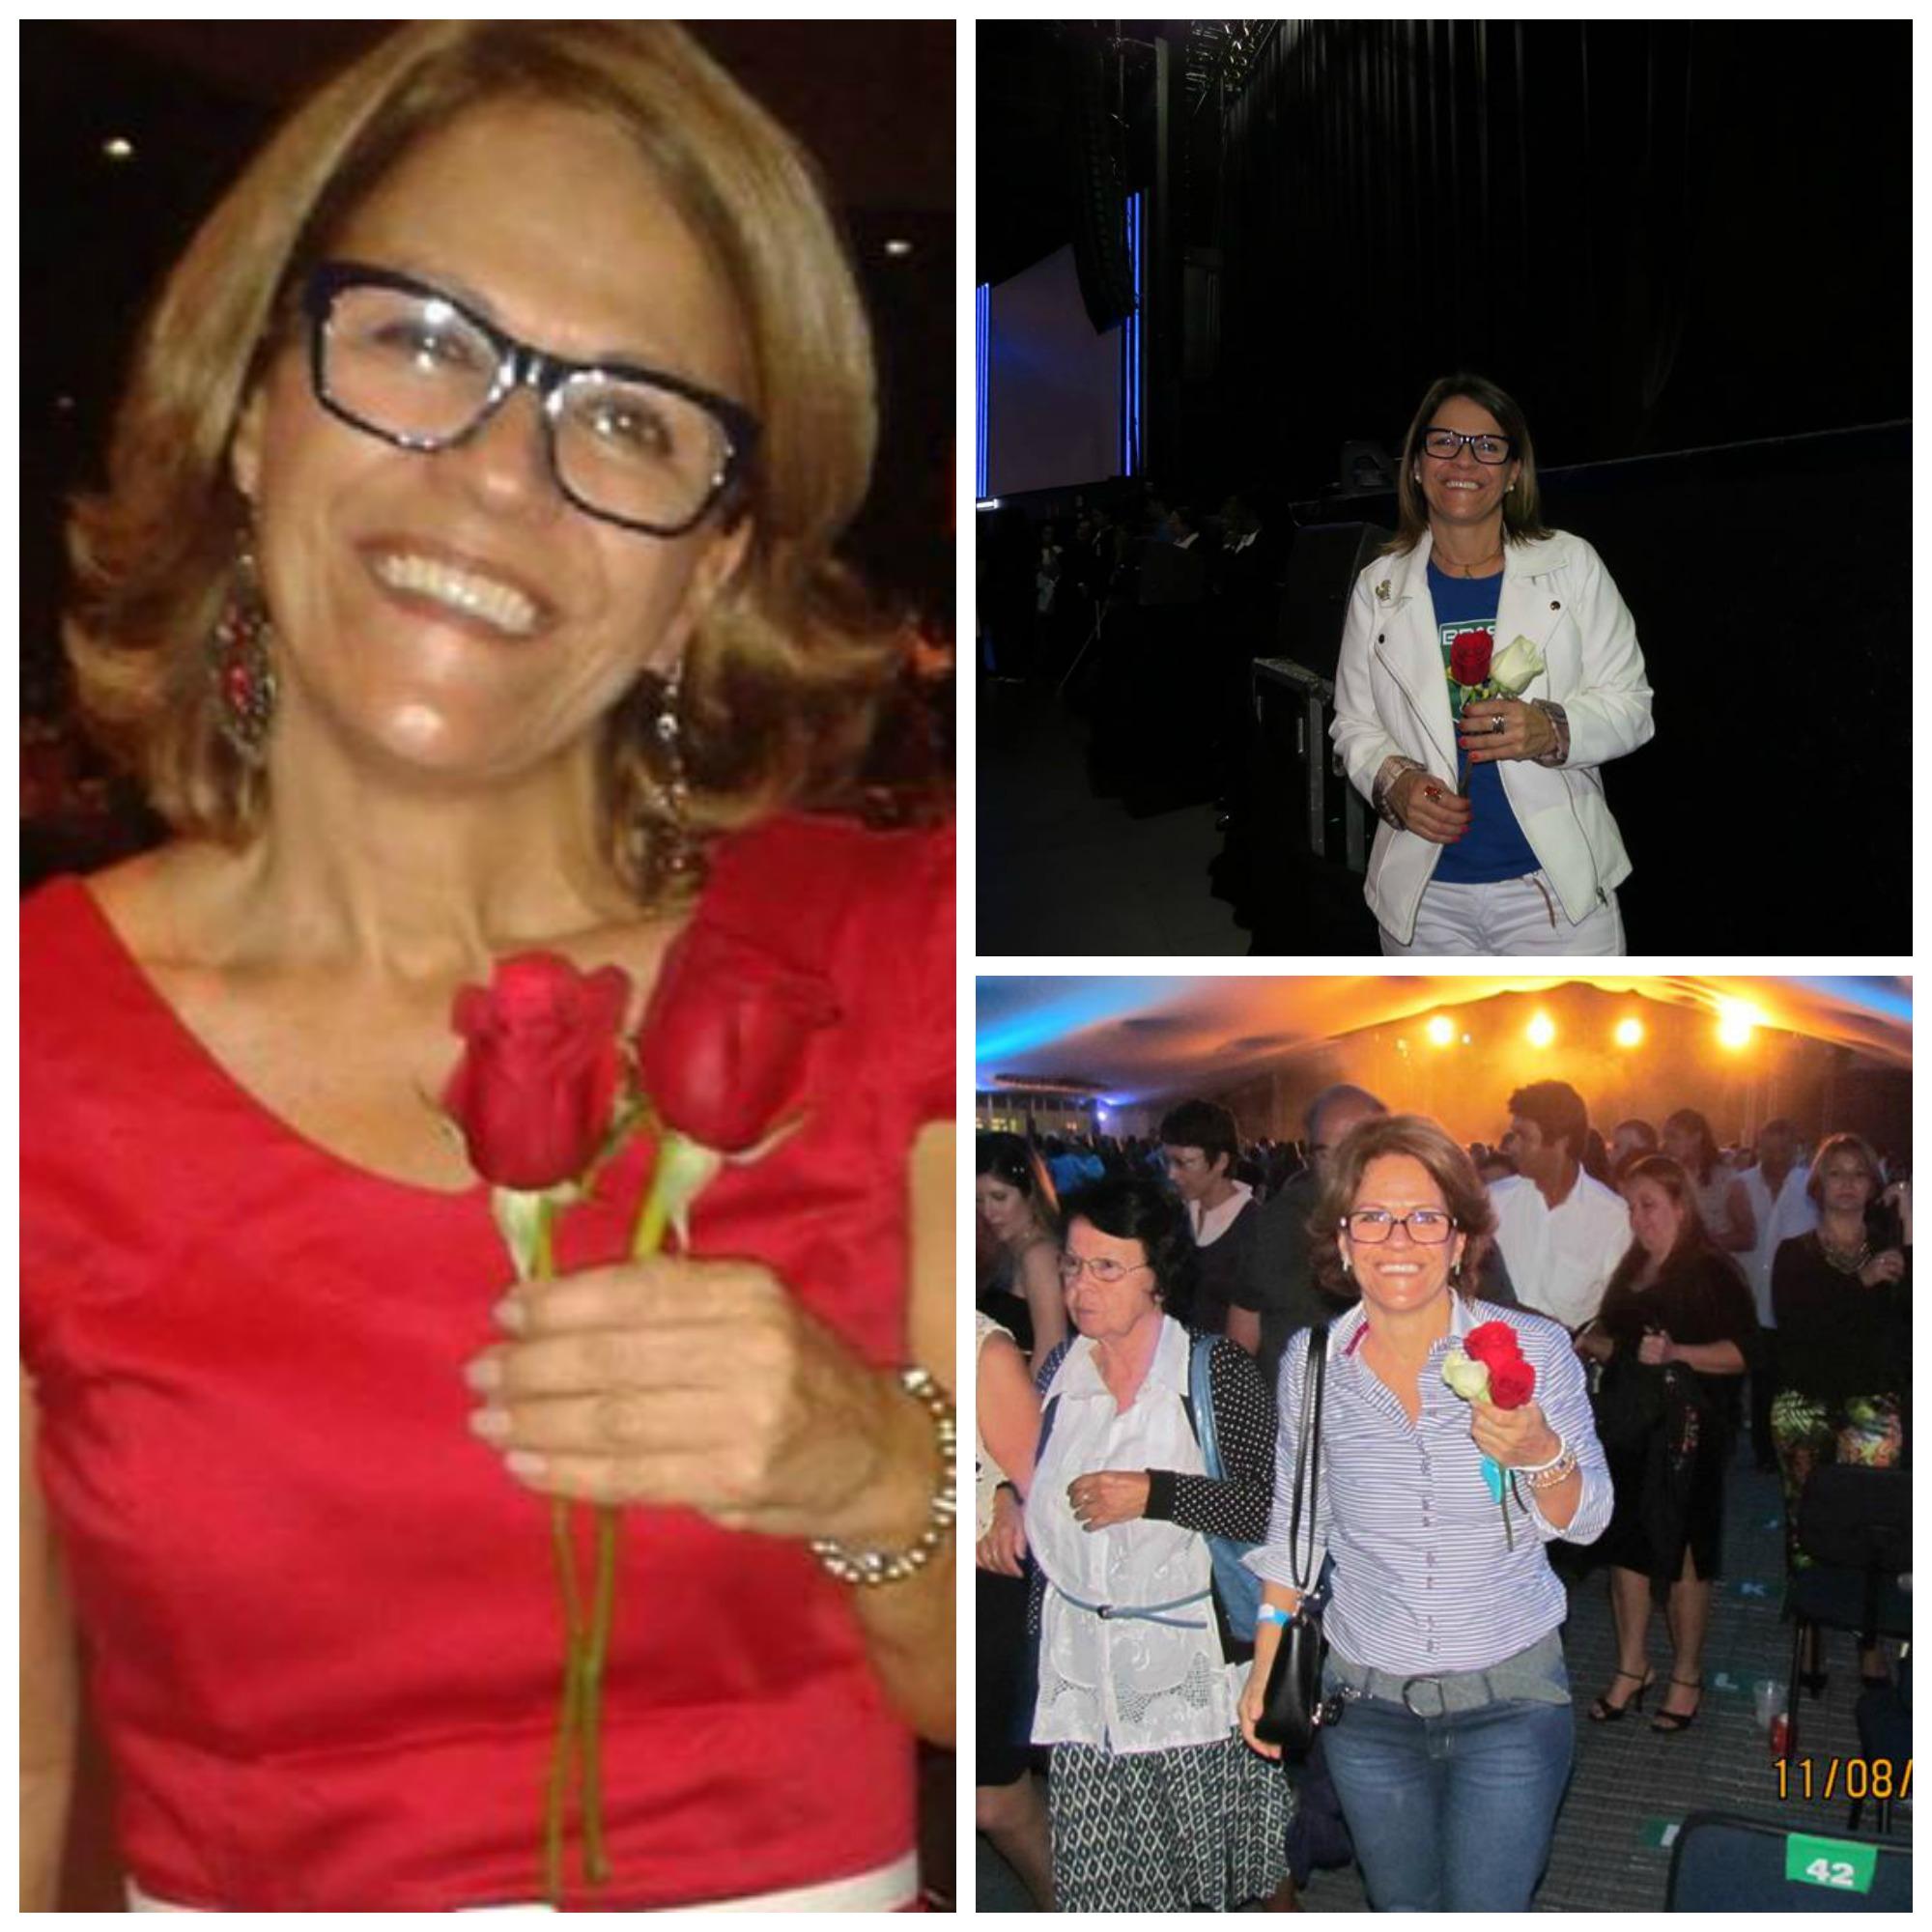 Antonia Santos – São tantas emoções com as rosas - São tantas emoções com as rosas